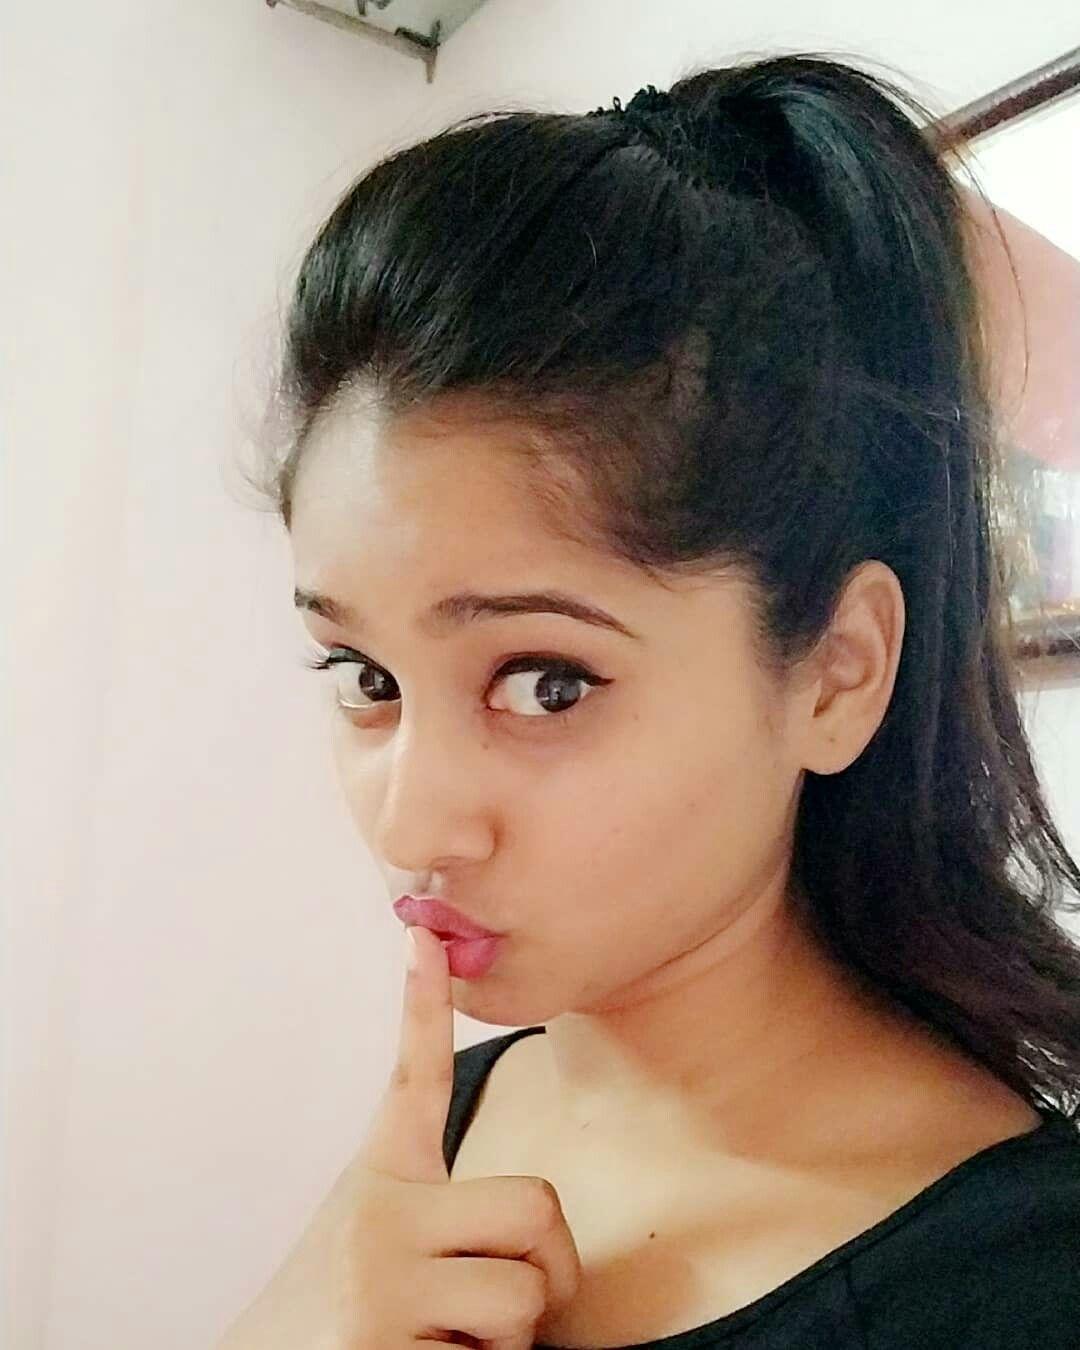 mumbai girls number list